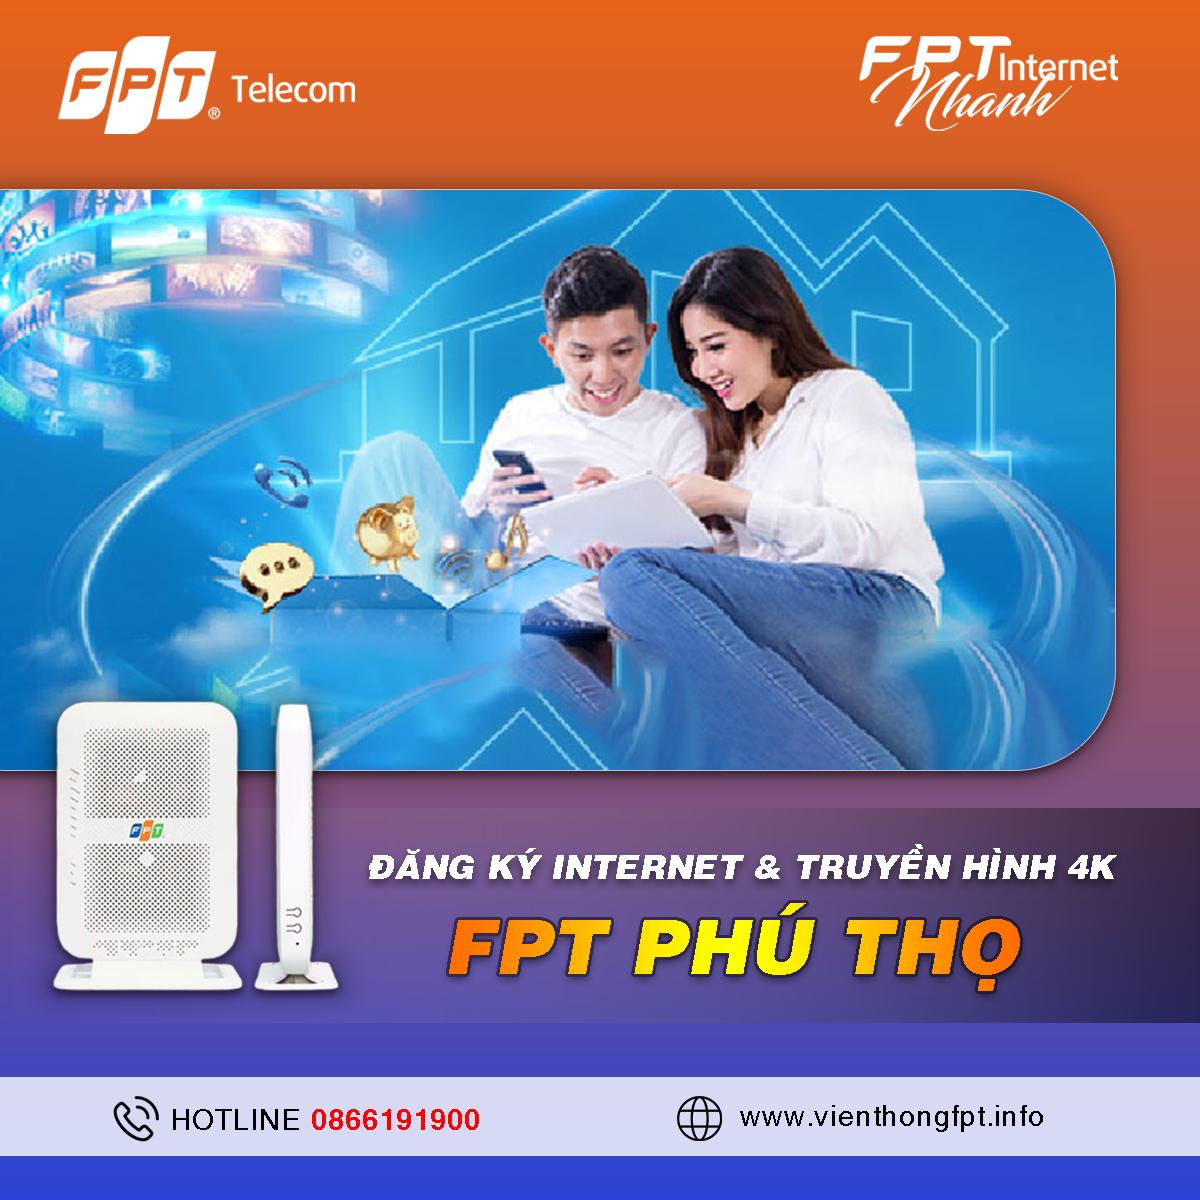 Tổng đài Đăng ký Internet FPT tại Phú Thọ